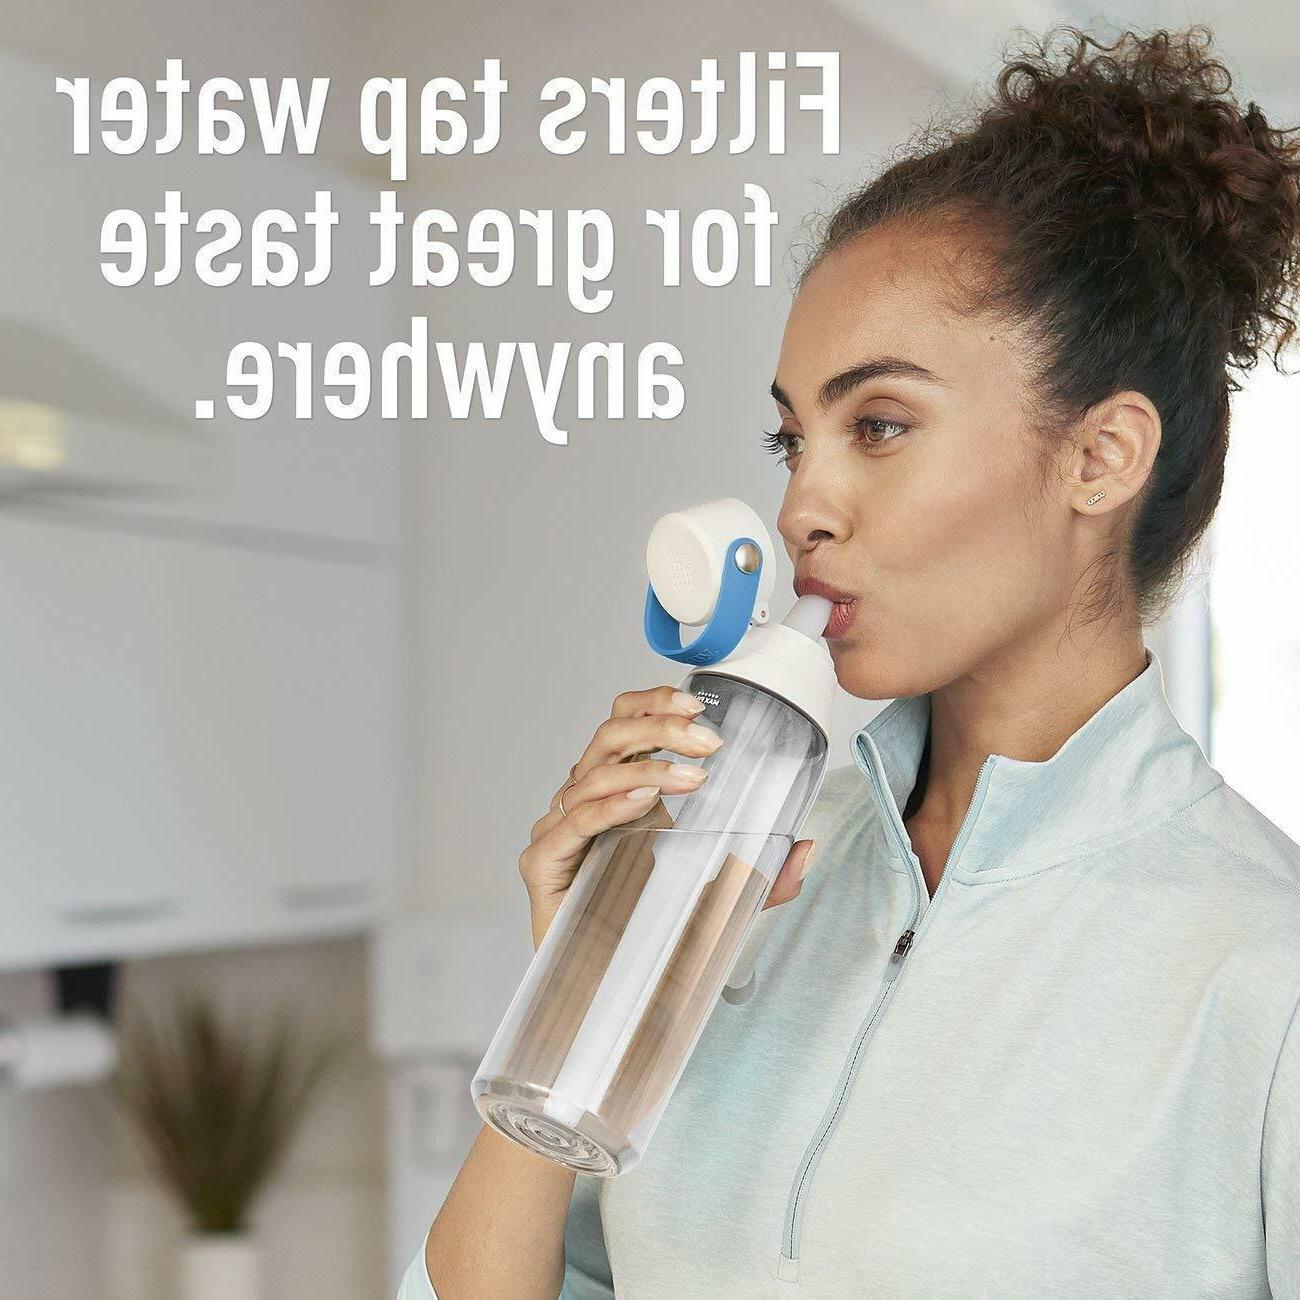 Brita Premium Filtering Water Bottle Filter Free